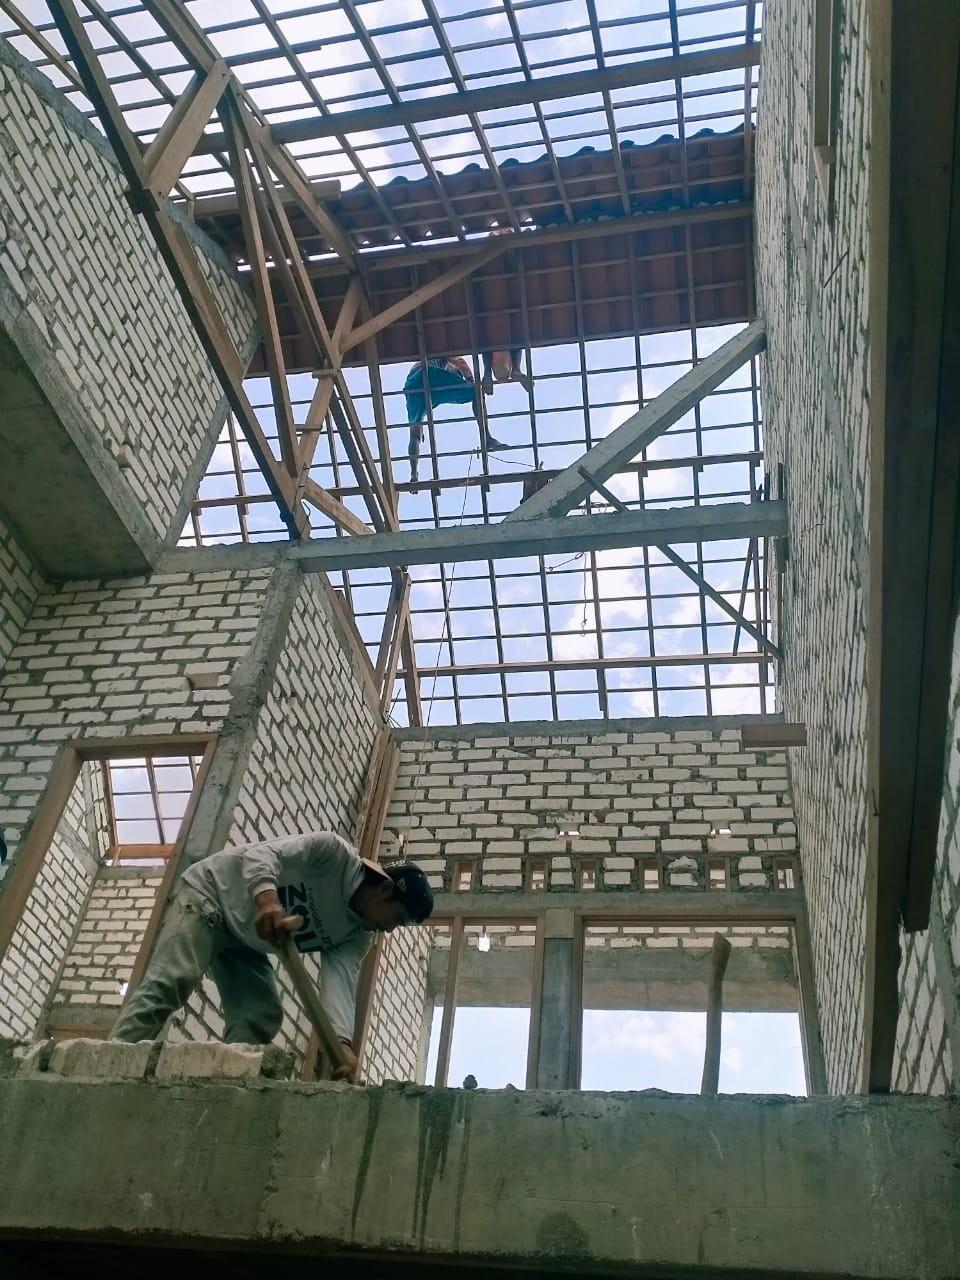 Jasa Renovasi Bangunan Pasang Plafon Dan Tukang Cat Tuban   UD MITRA USAHA MANDIRI